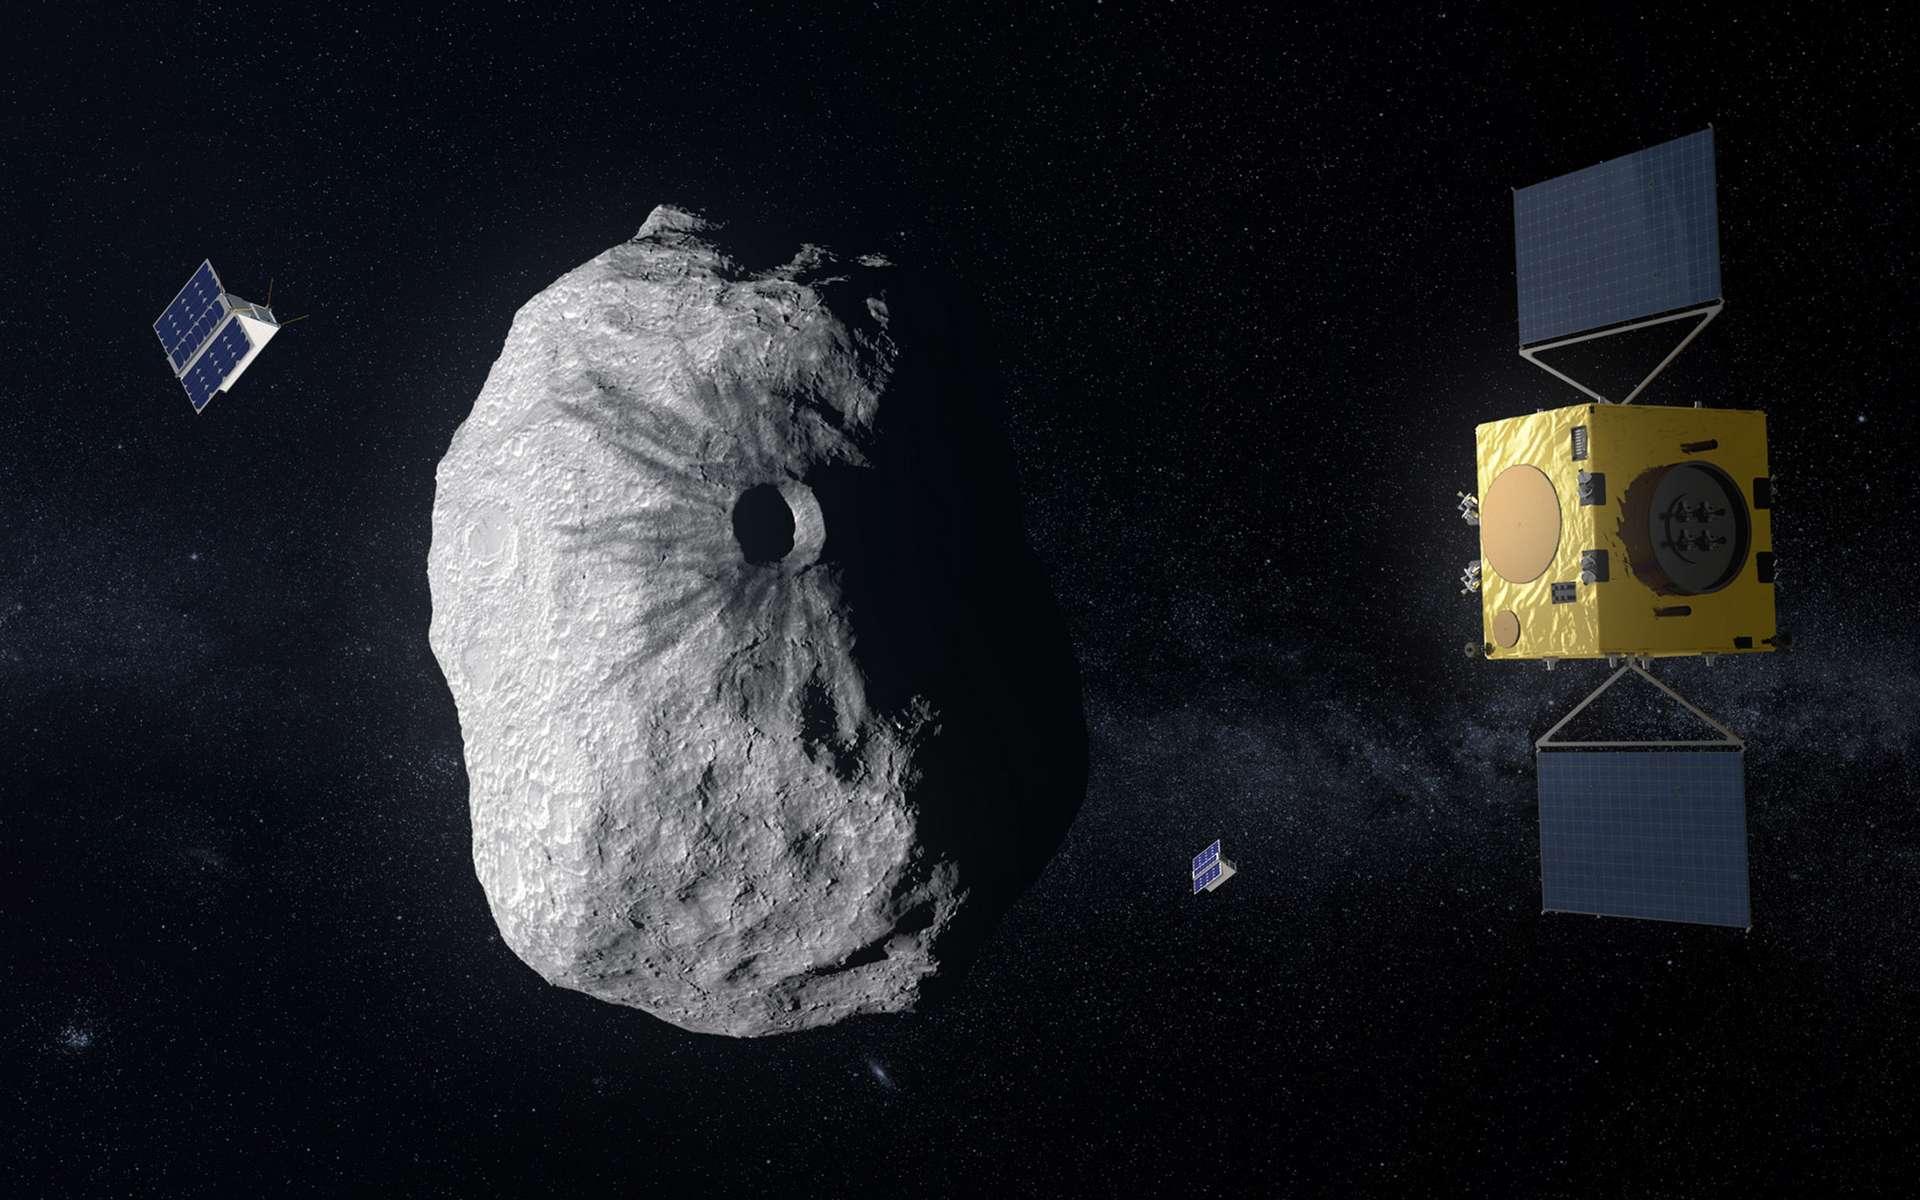 Vue d'artiste de Didymos et de la sonde Hera. © ESA–ScienceOffice.org